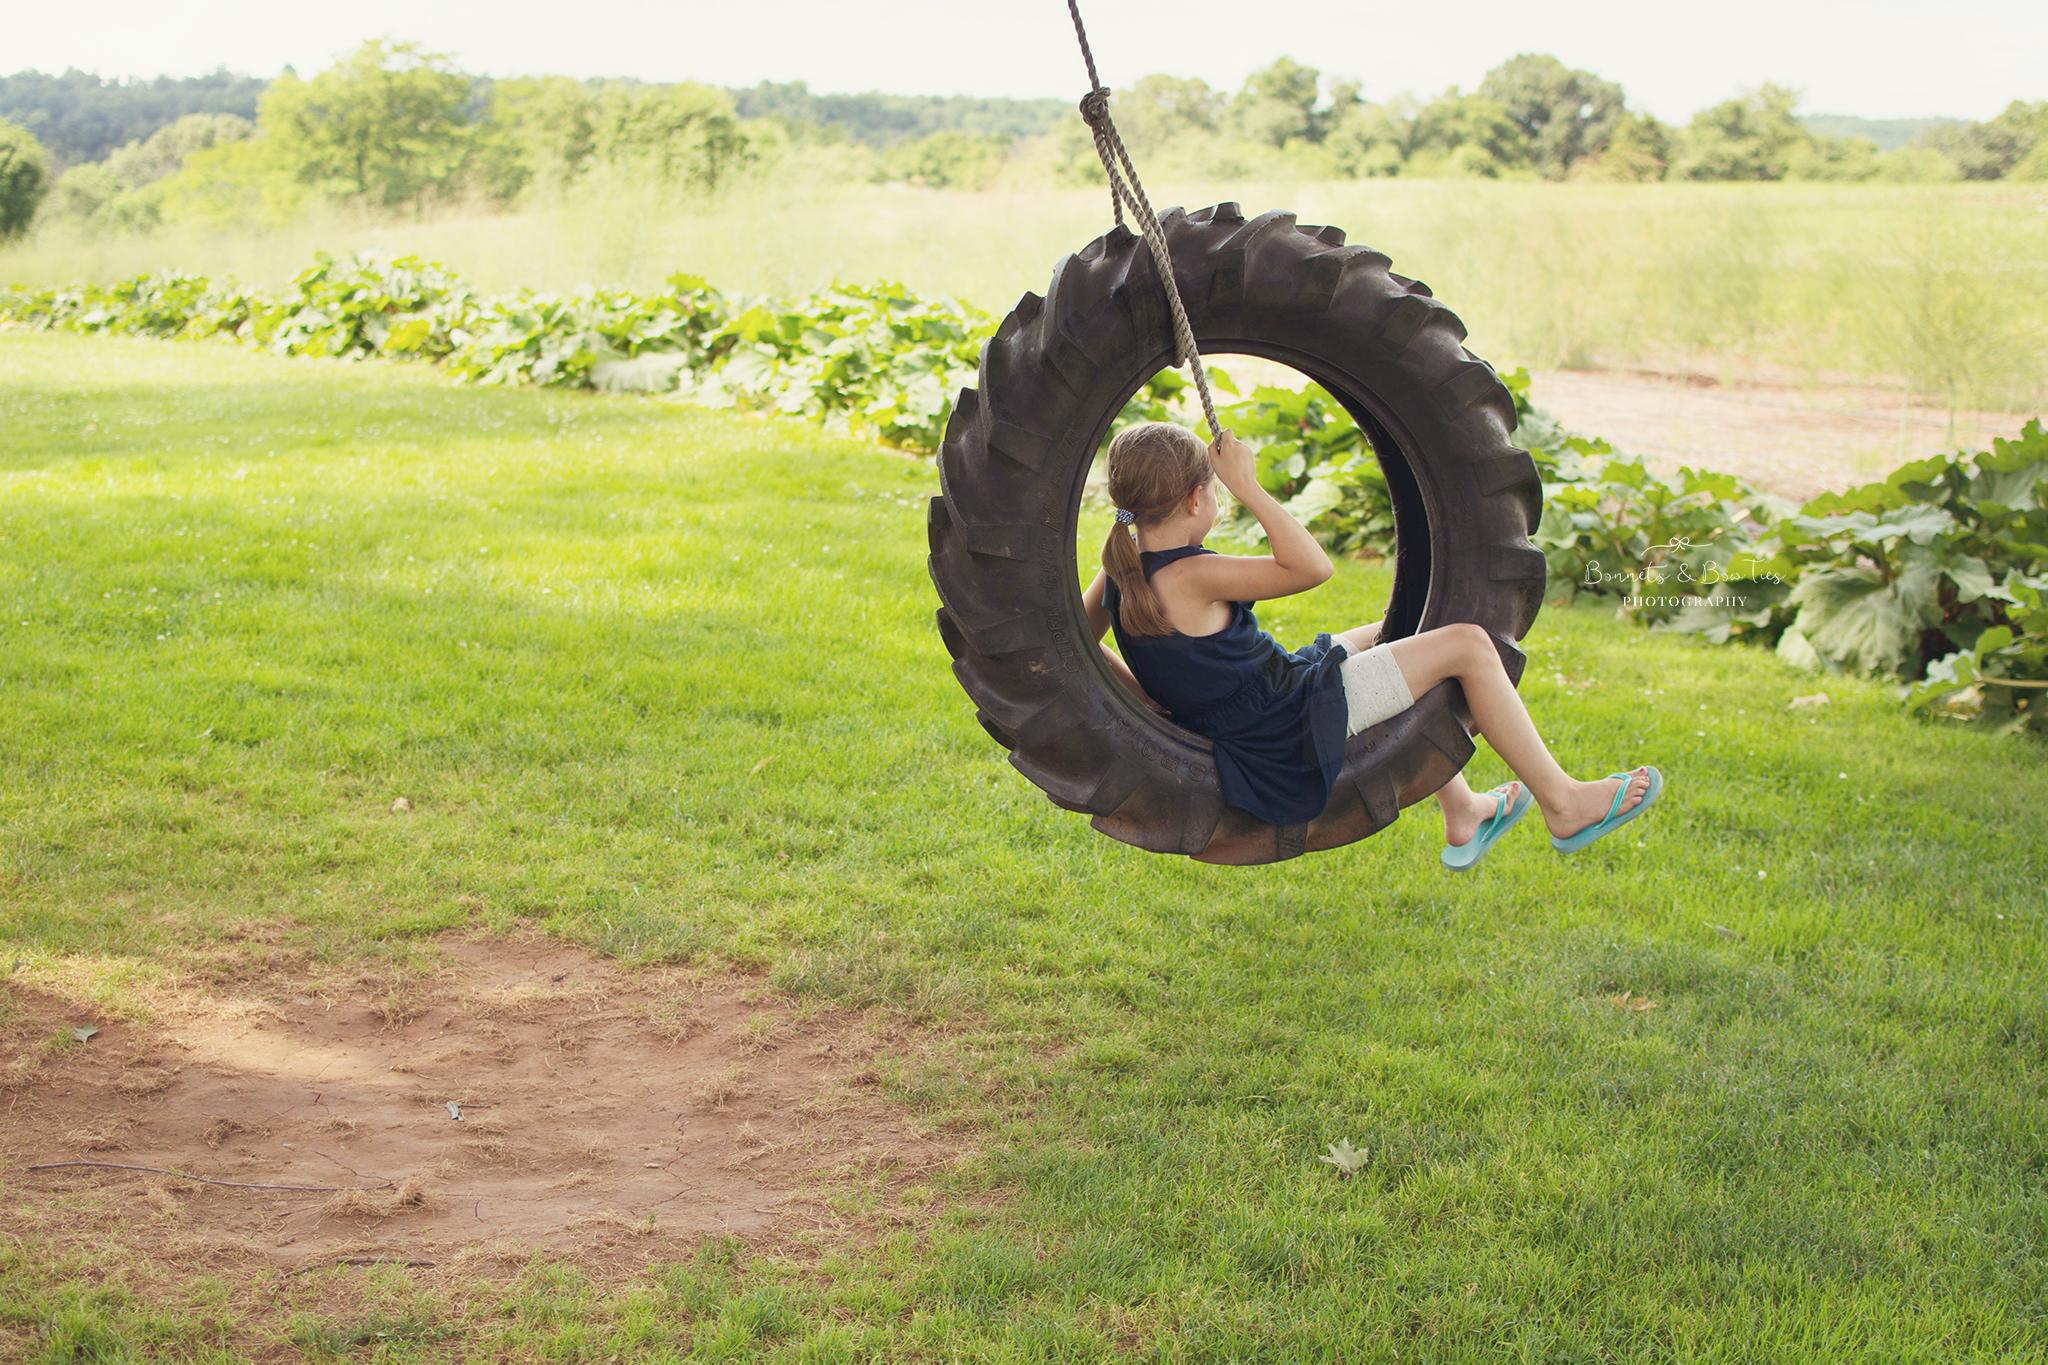 girl swinging on a trie swing.jpg